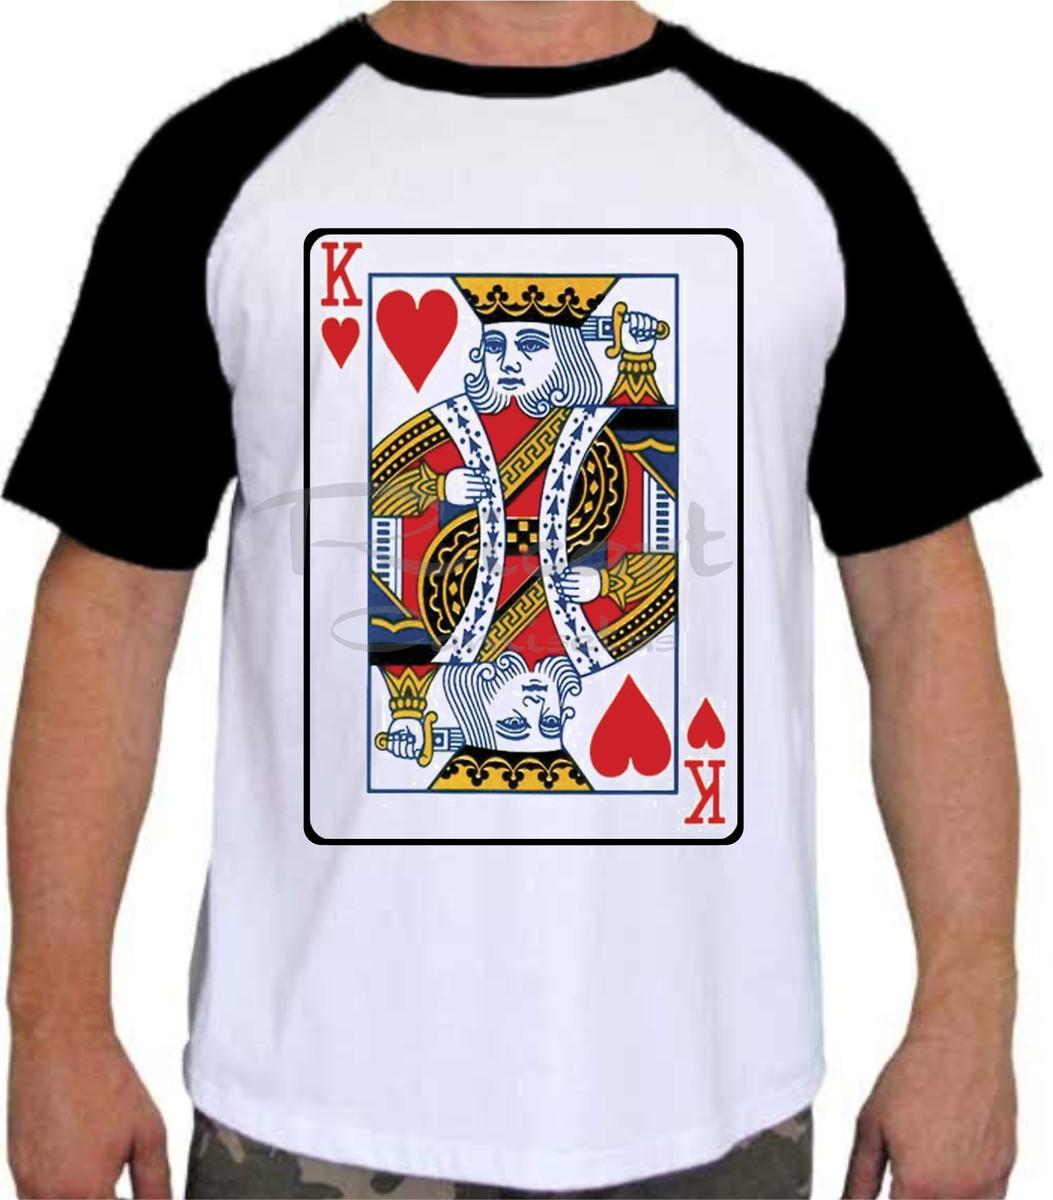 Camisetas cartas poker poker frankfurt cash game